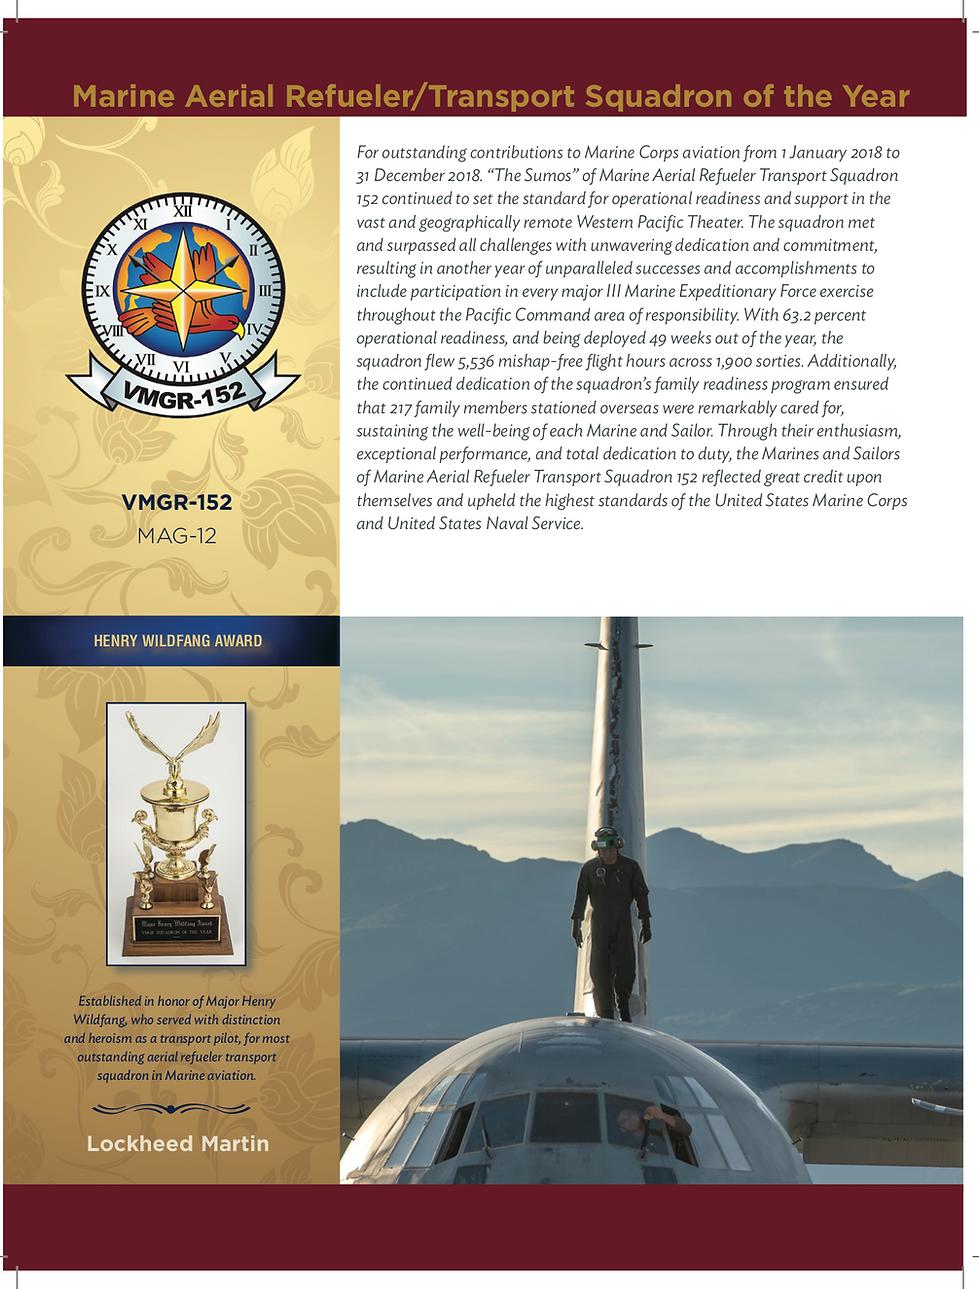 2019 Henry Wildfang Award